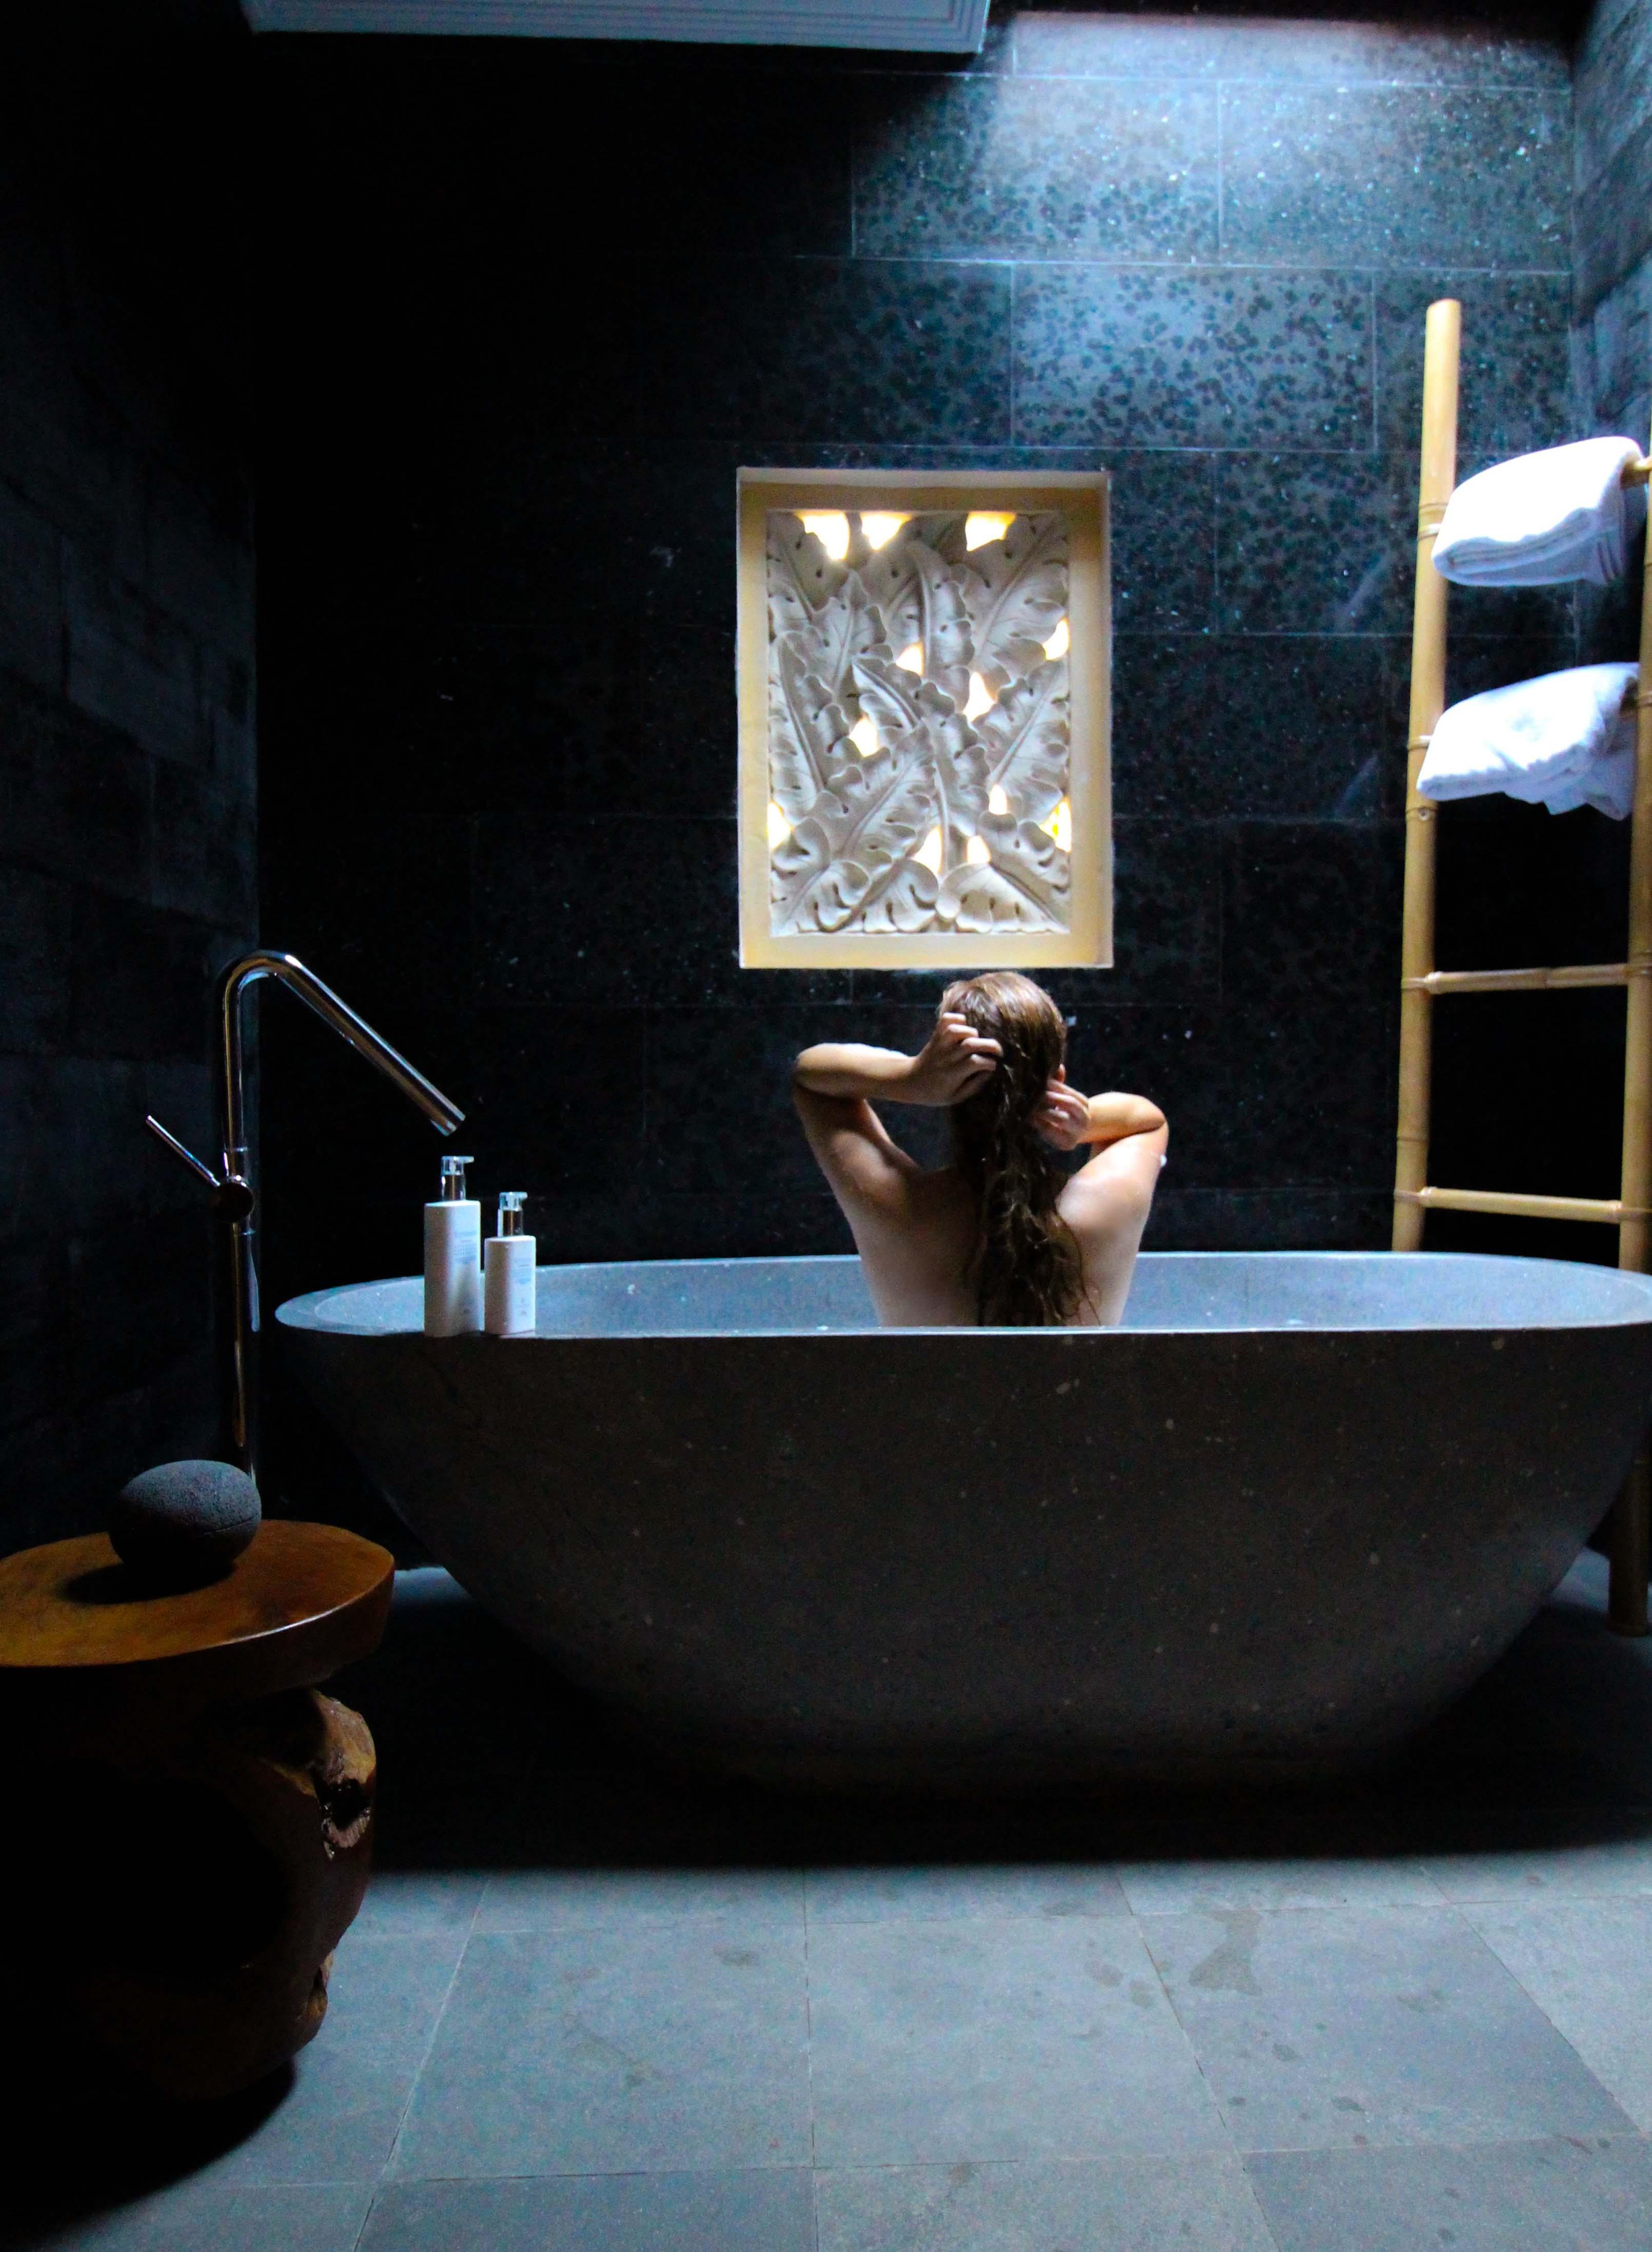 Haarpflege Halier Fortesse Shampoo Conditioner Test gesundes kräftiges Haar Beauty Blog Bali freistehende Badewanne